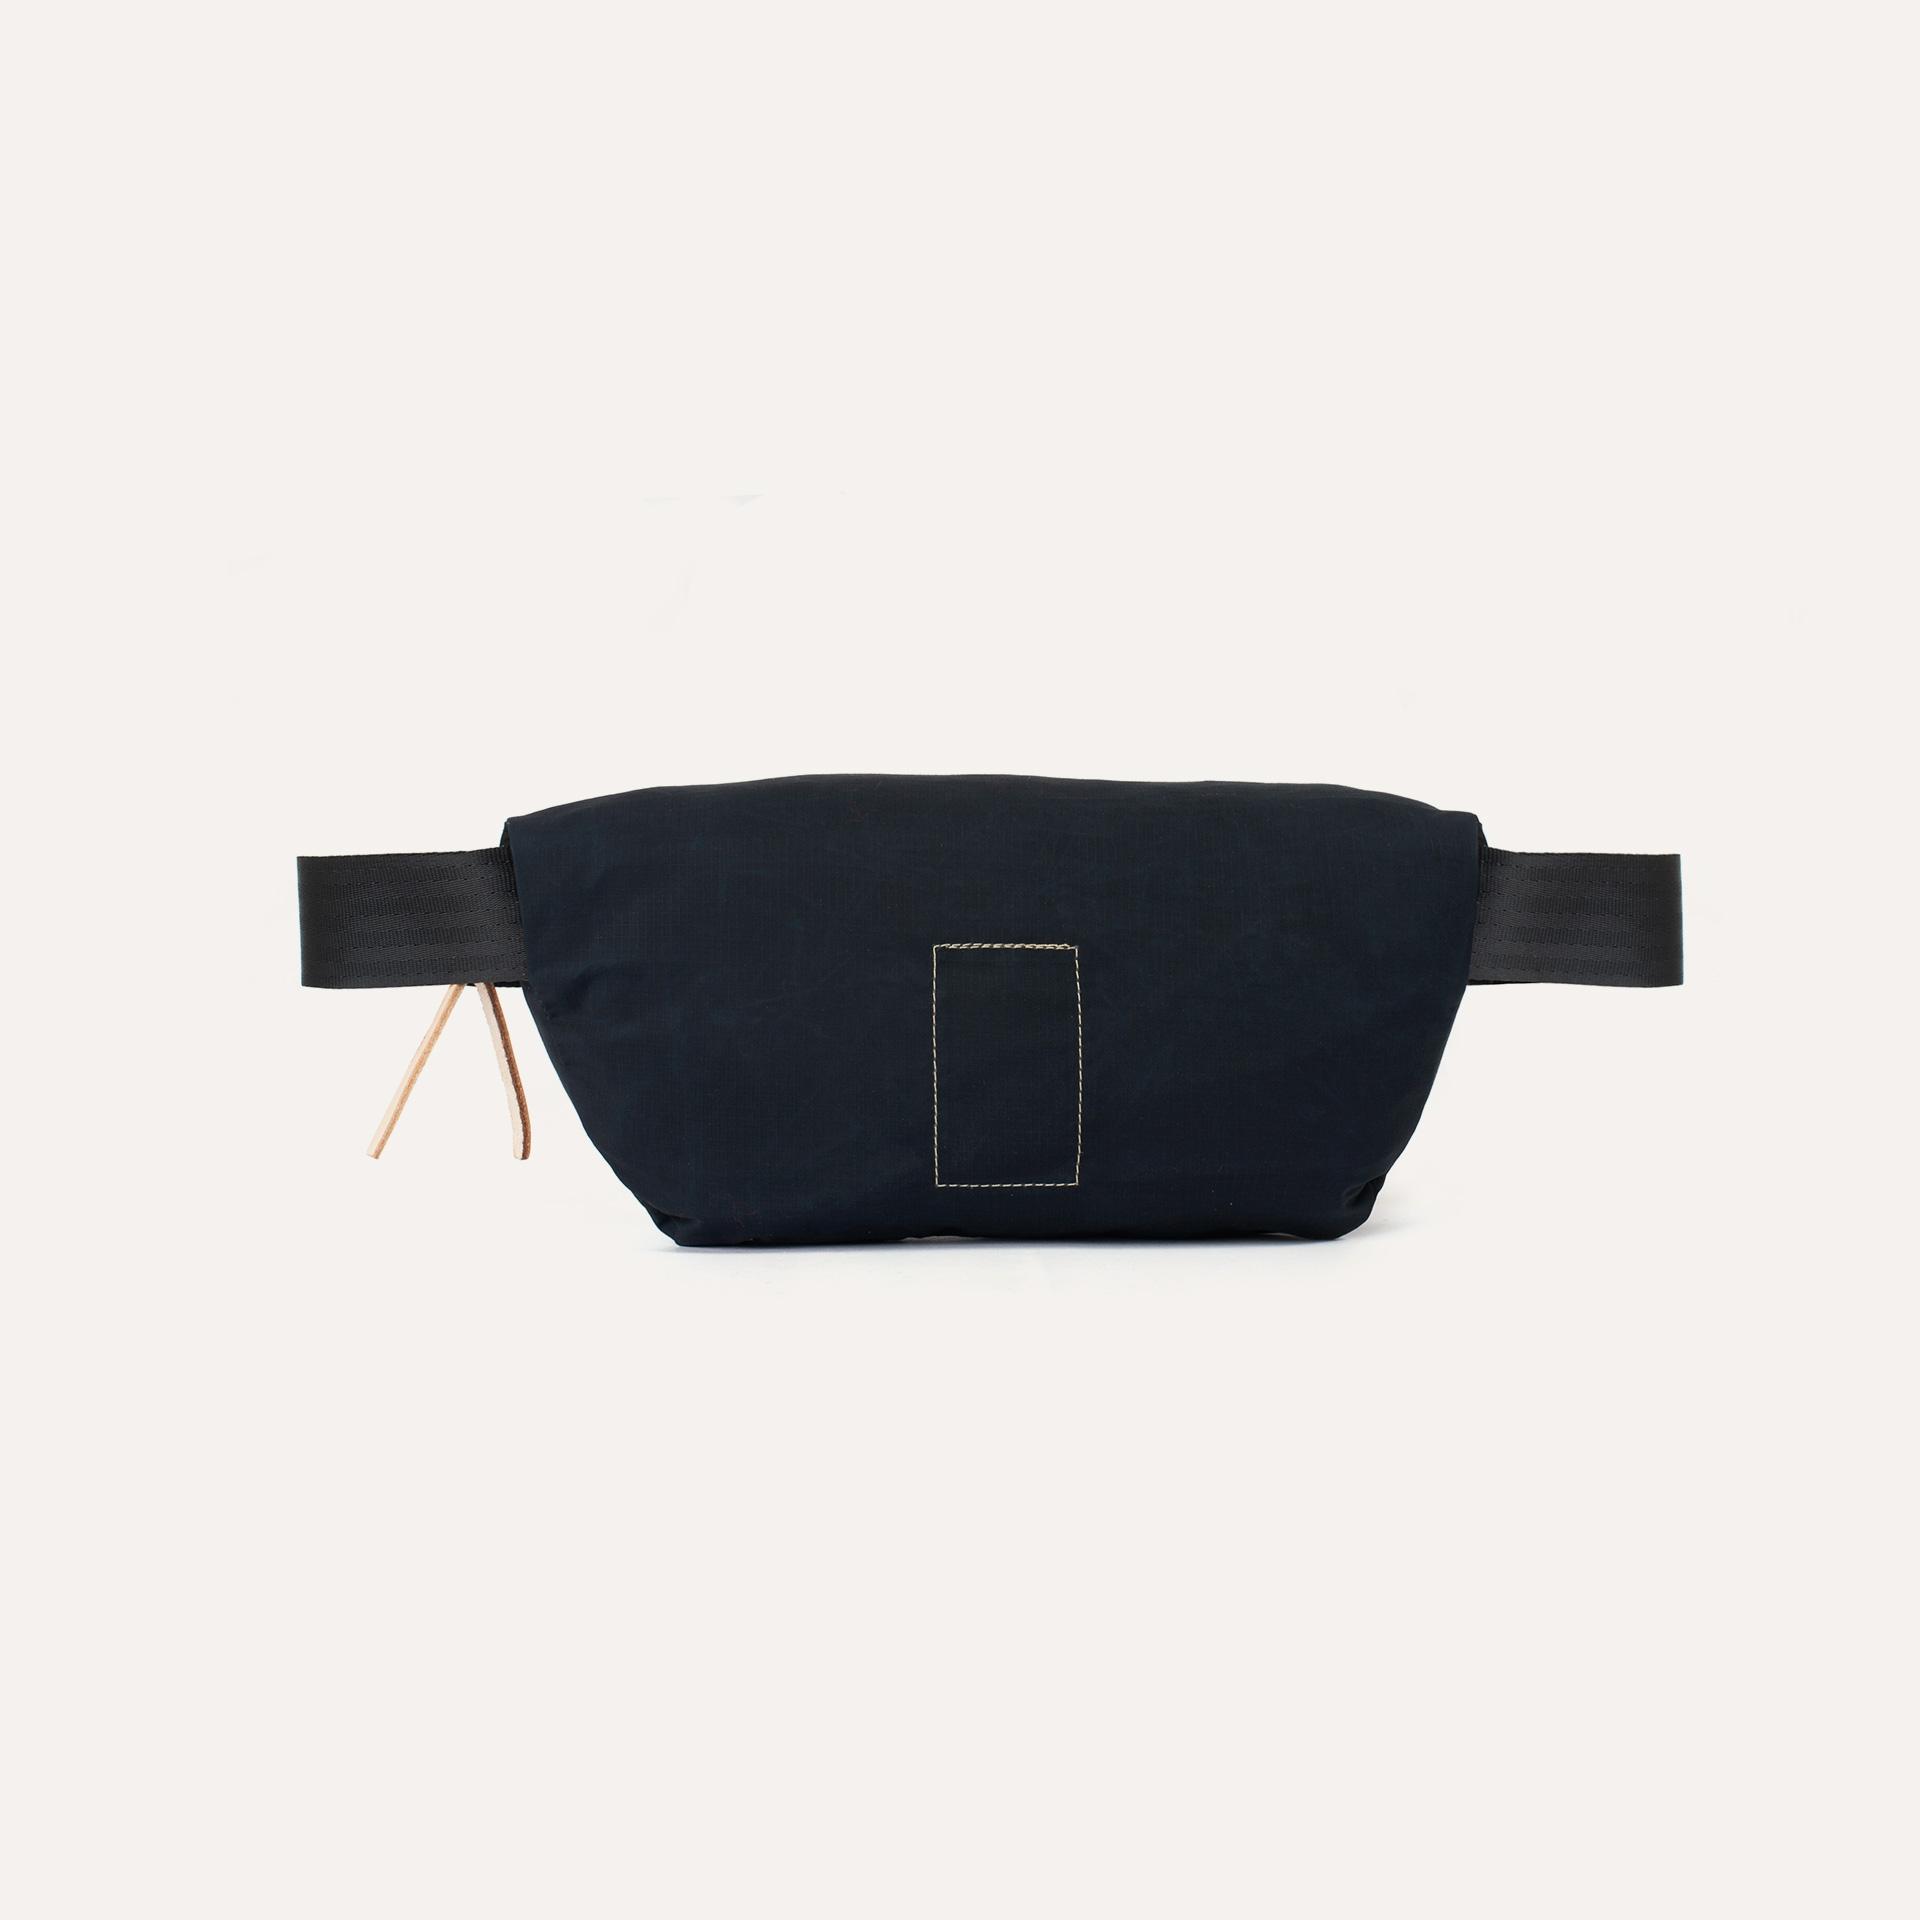 4,5L Beat Belt bag - Black (image n°3)